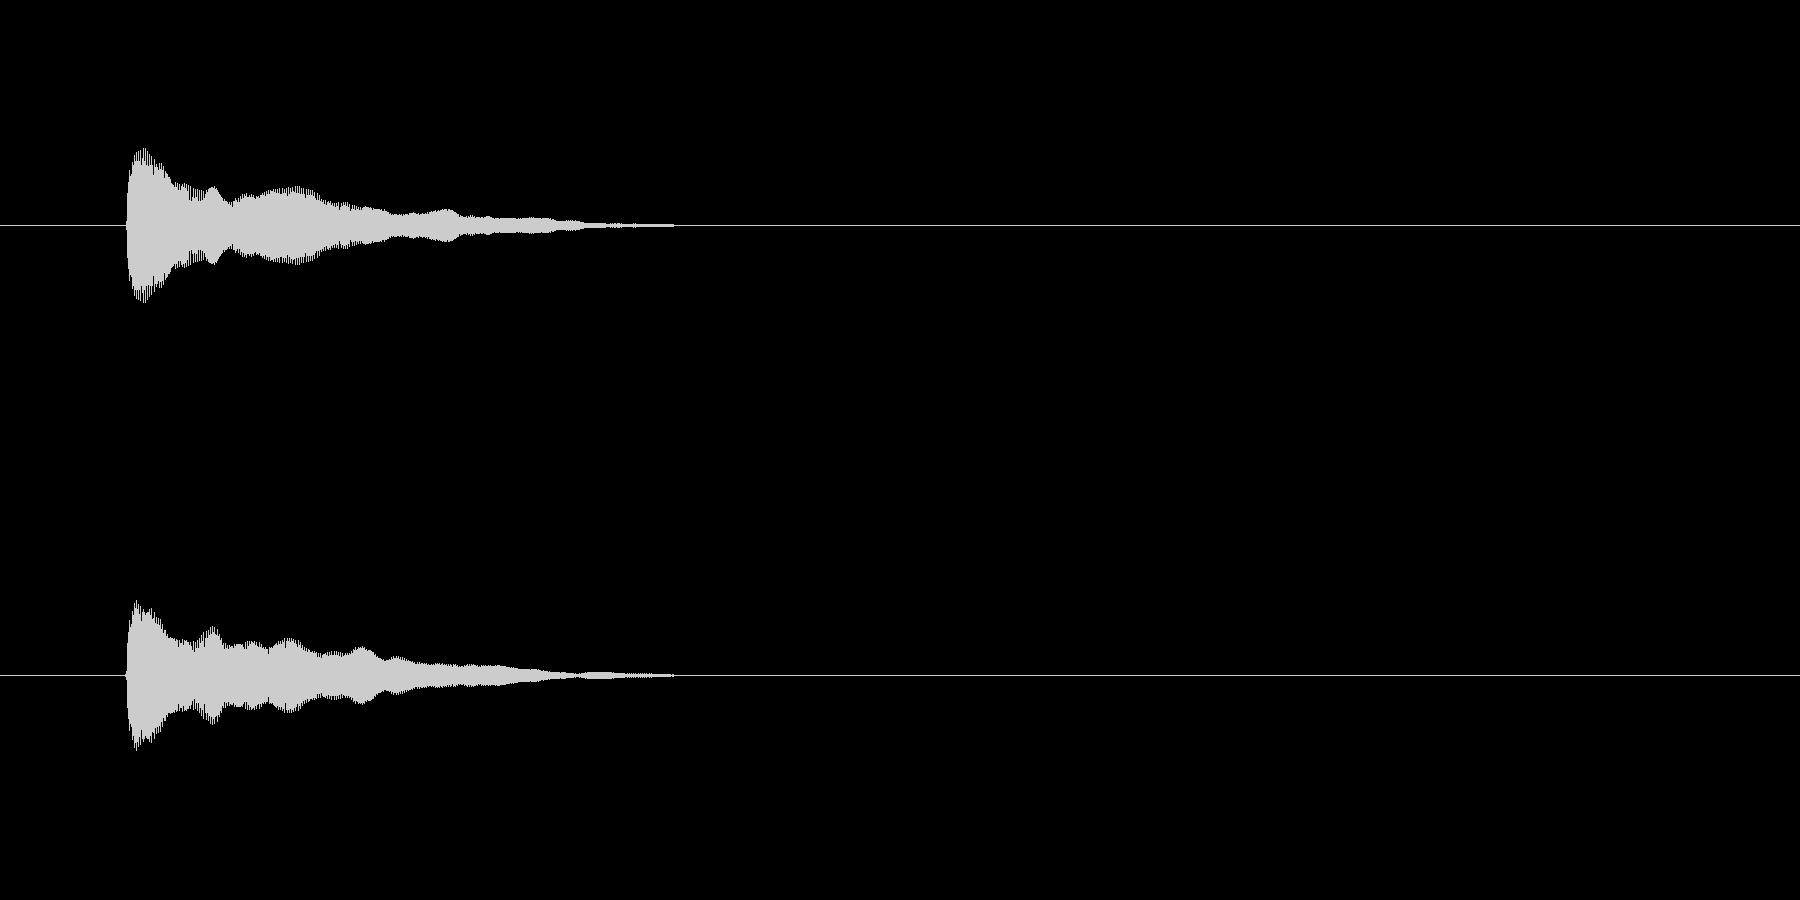 【アクセント29-3】の未再生の波形